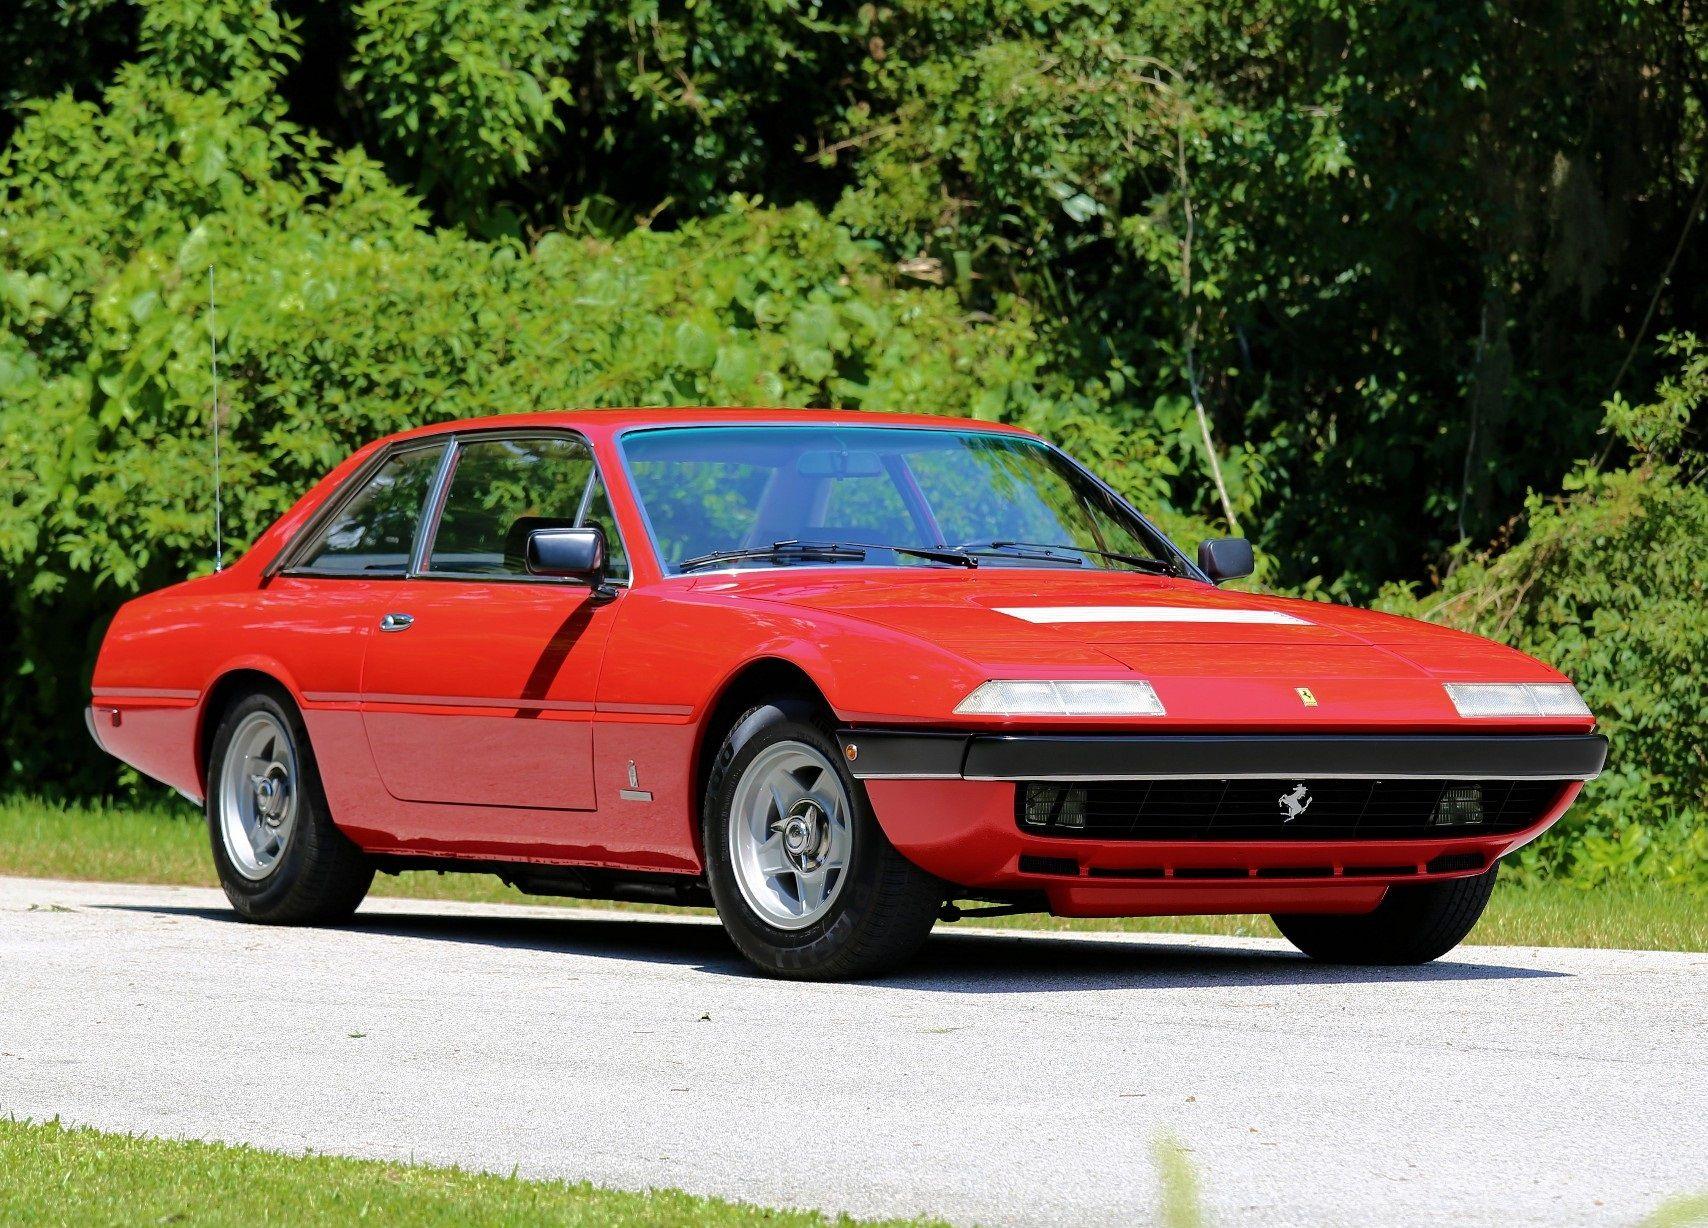 1974 Ferrari 365GT4 2+2 5-Speed | Ferrari | Pinterest | Ferrari ...